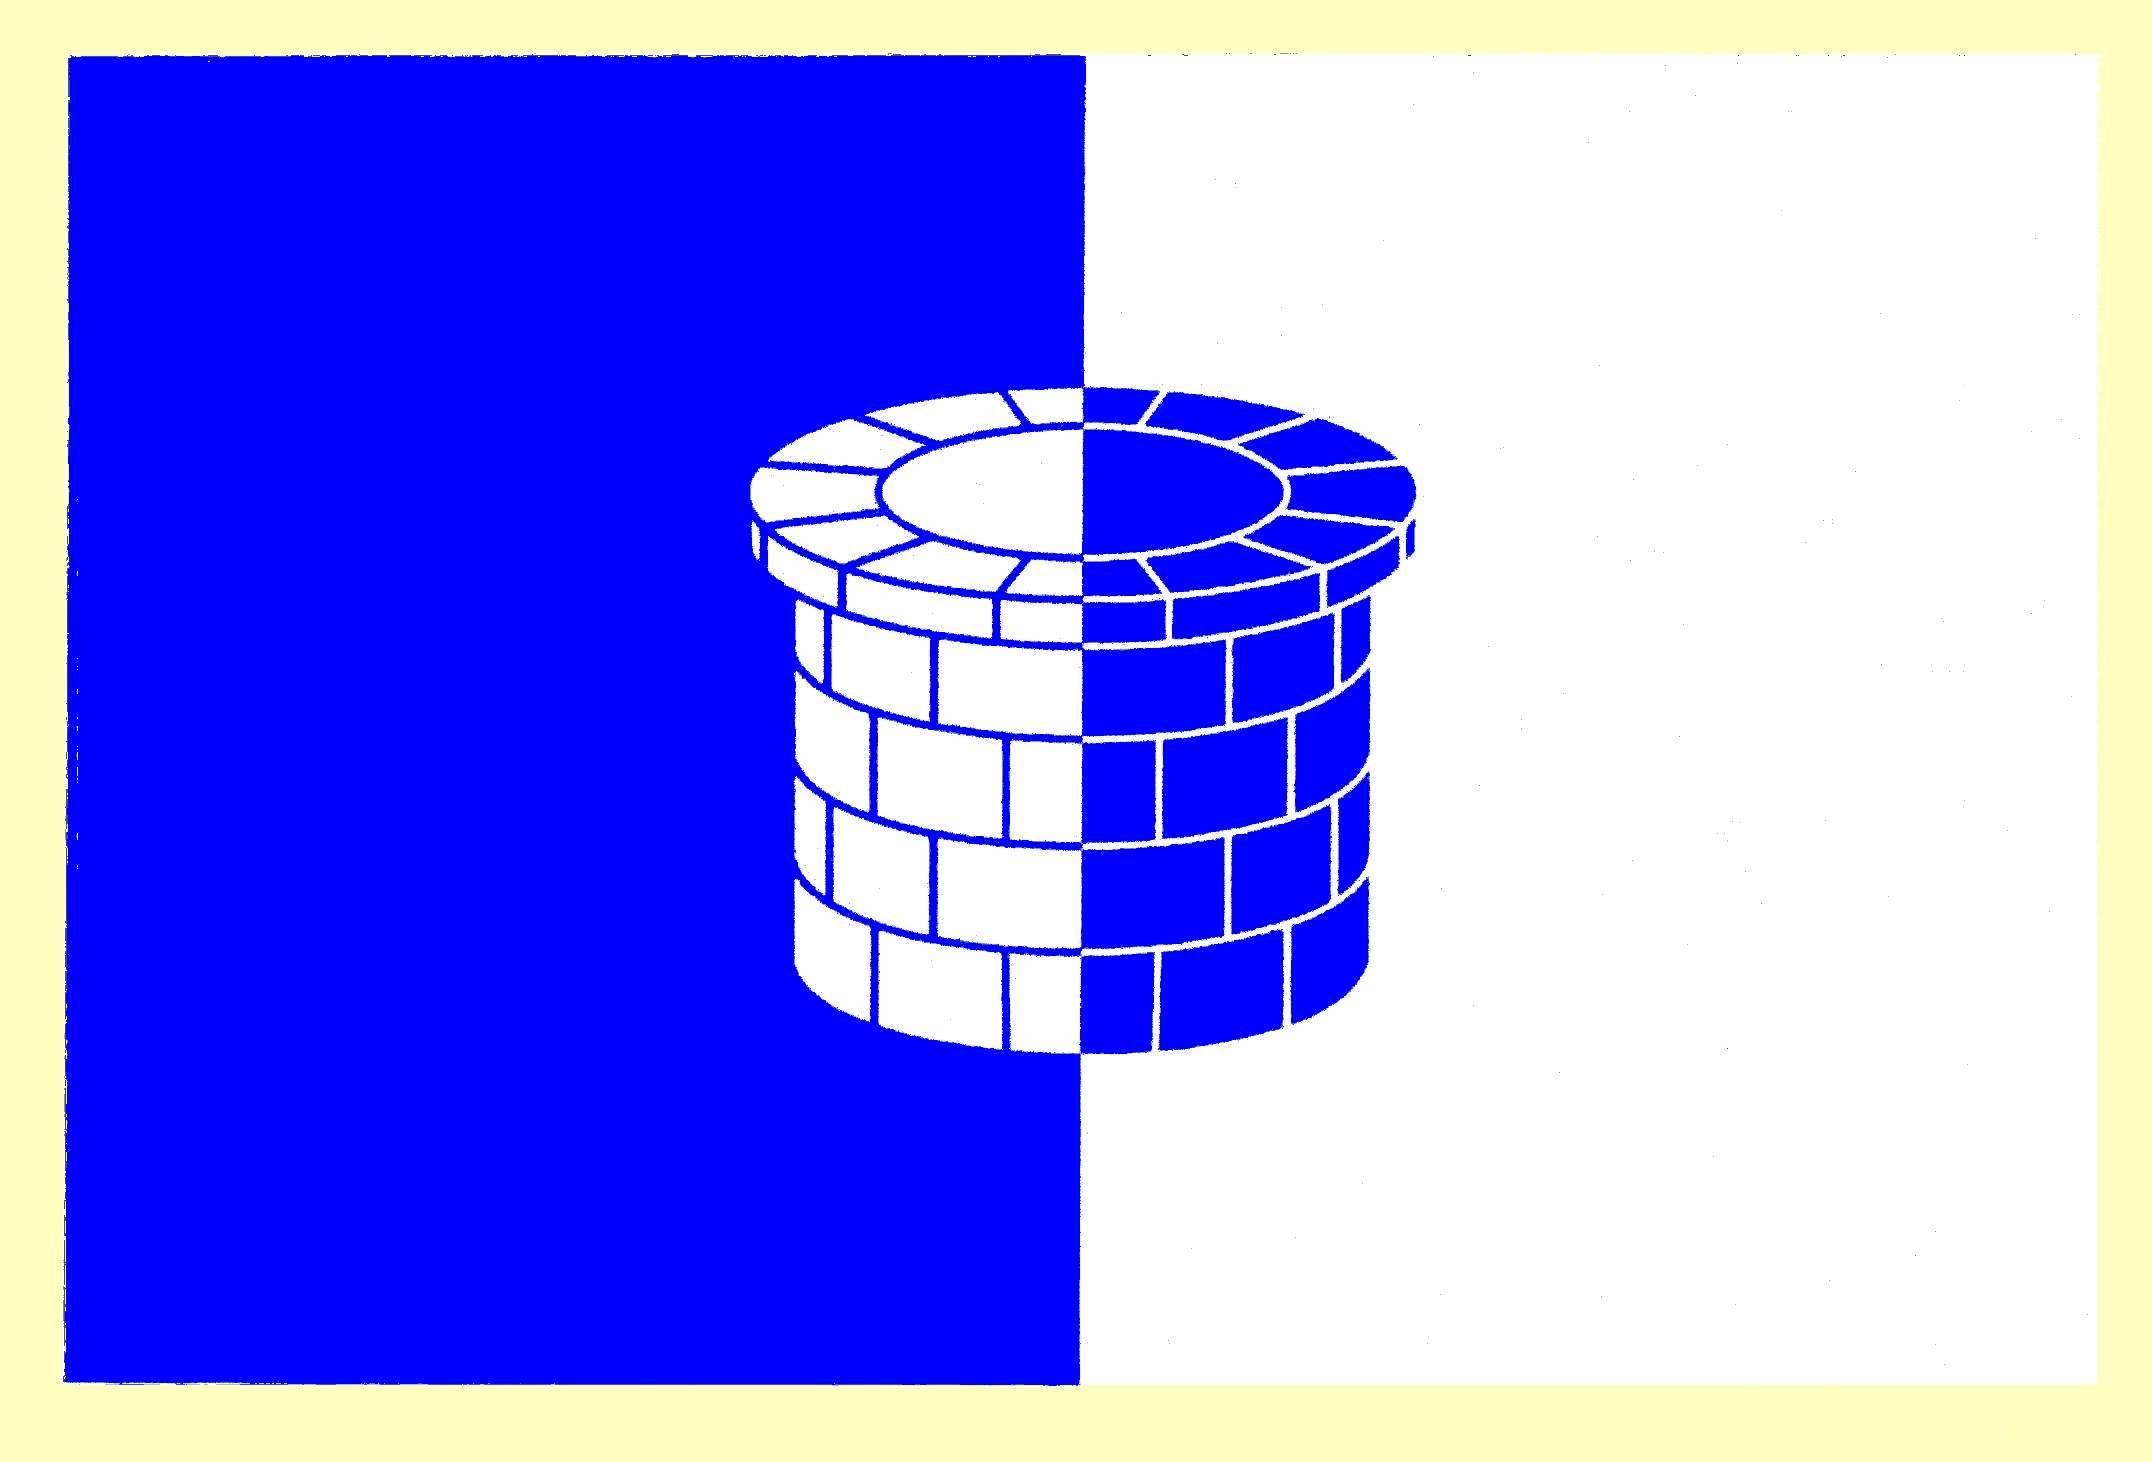 Flagge GemeindeWittenborn, Kreis Segeberg